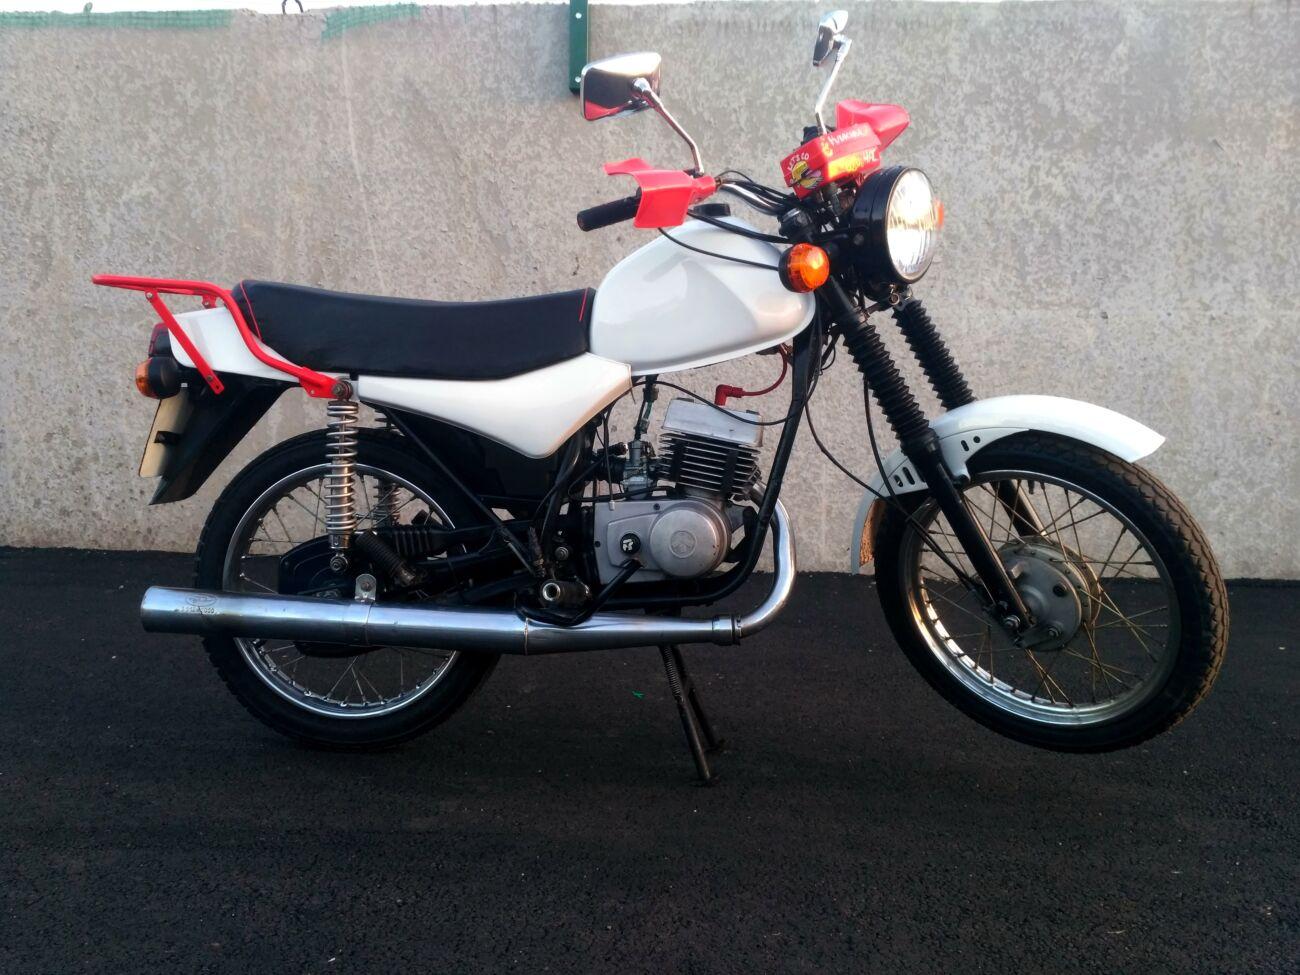 Продам мотоцикл Минск Лидер 125 (Мінск Лідер 125 - 3.113)